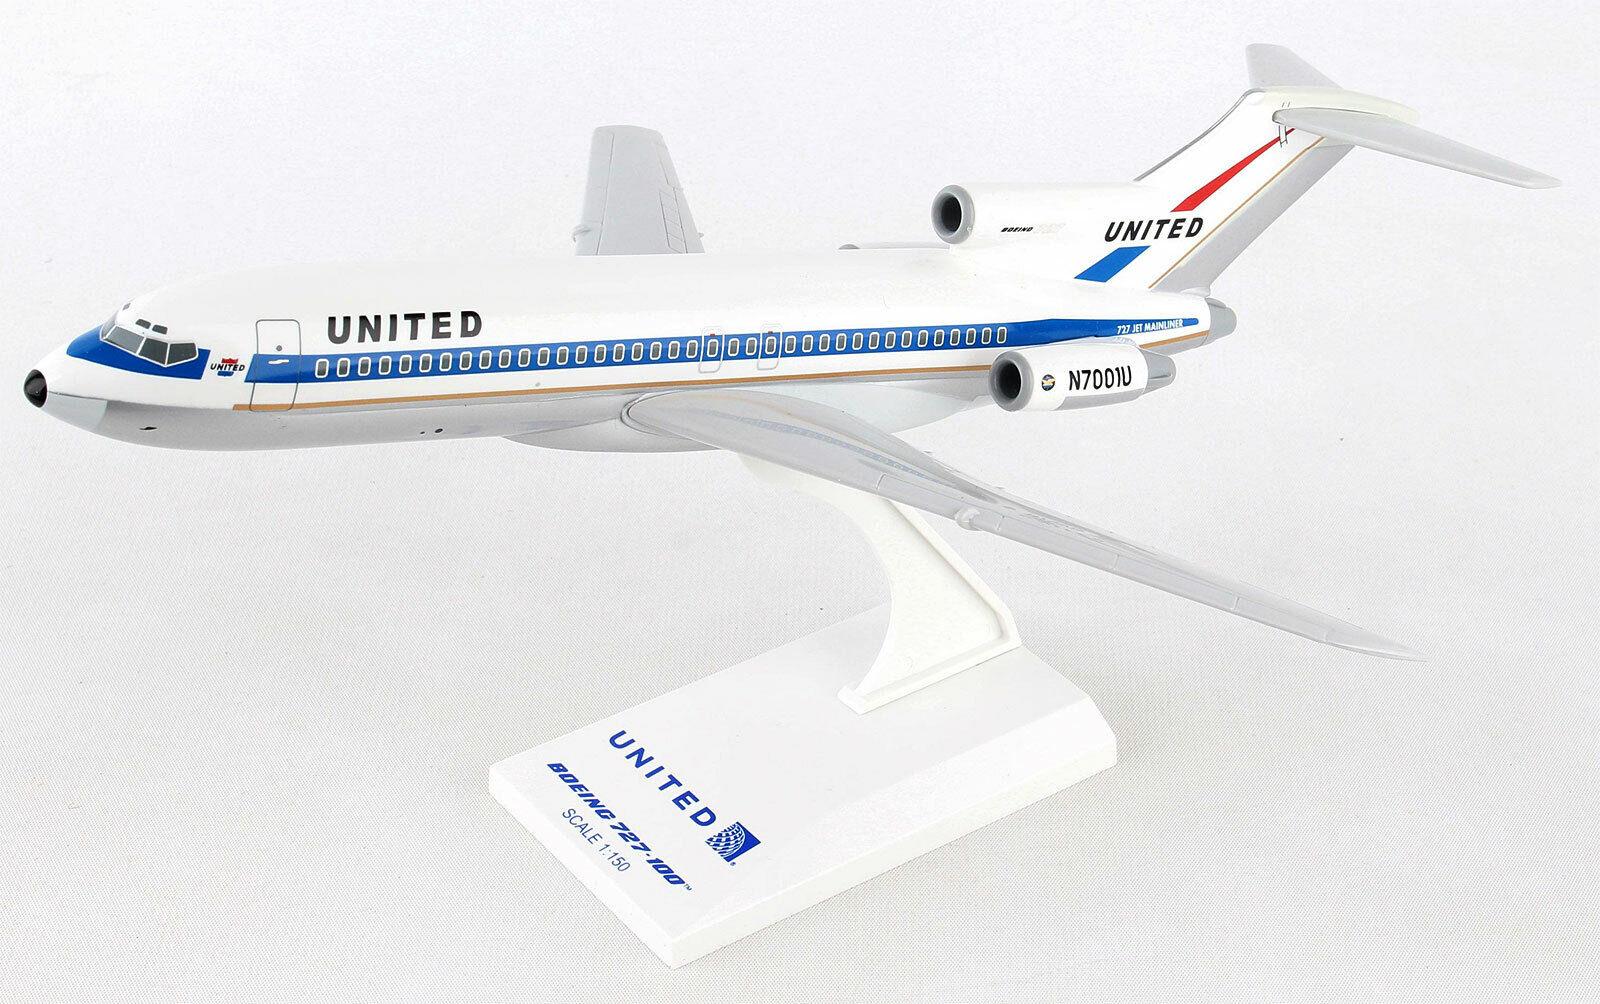 United Airlines Boeing 727-100 1 150 SkyMarks SKR896 Flugzeug Modell B727